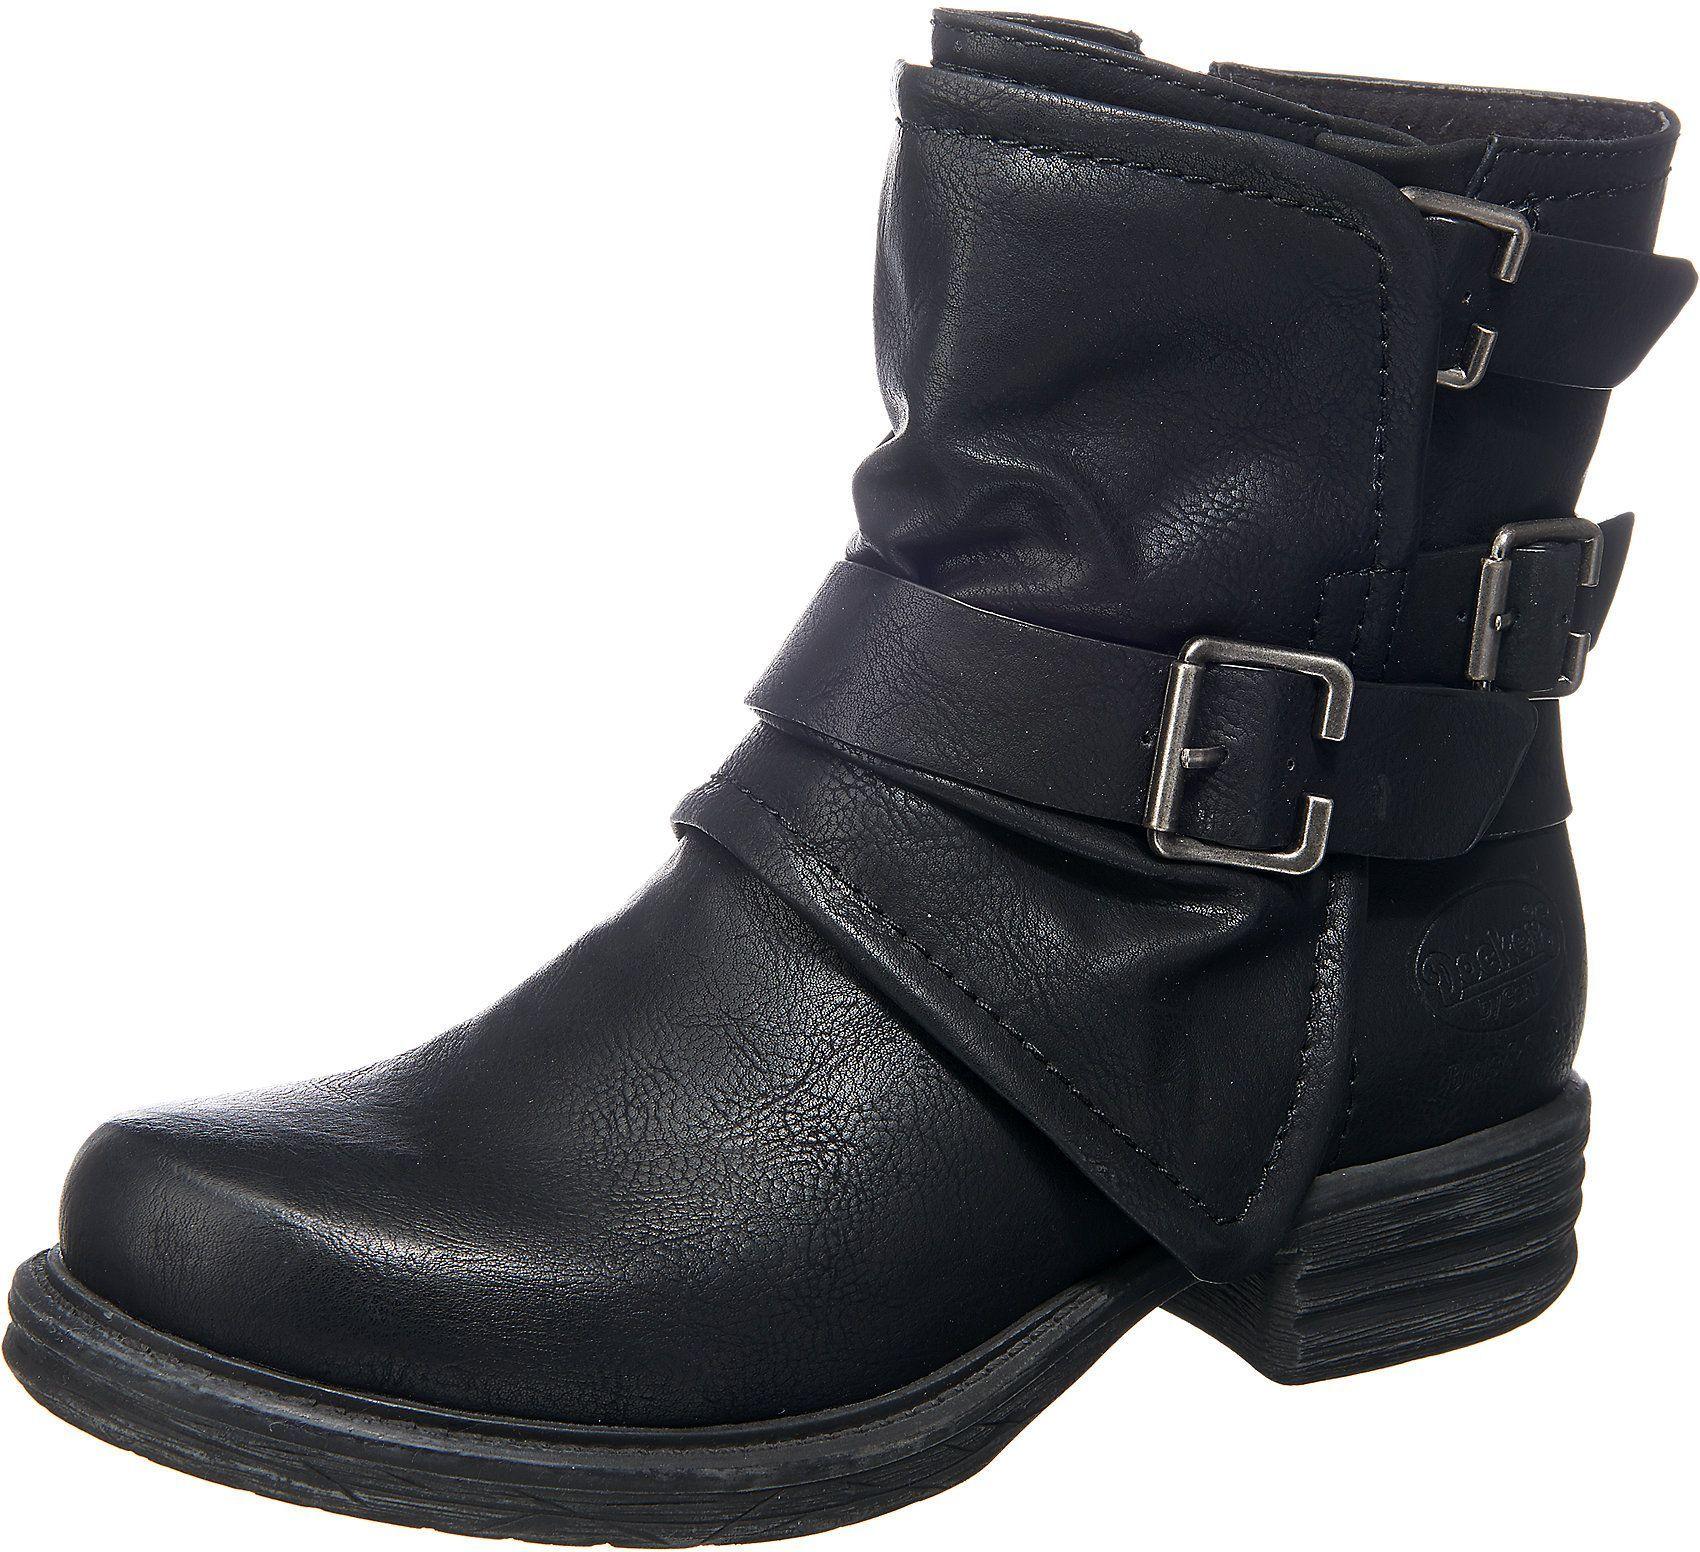 Stiefeletten von Dockers by Gerli bei ABOUT YOU | Schuhe